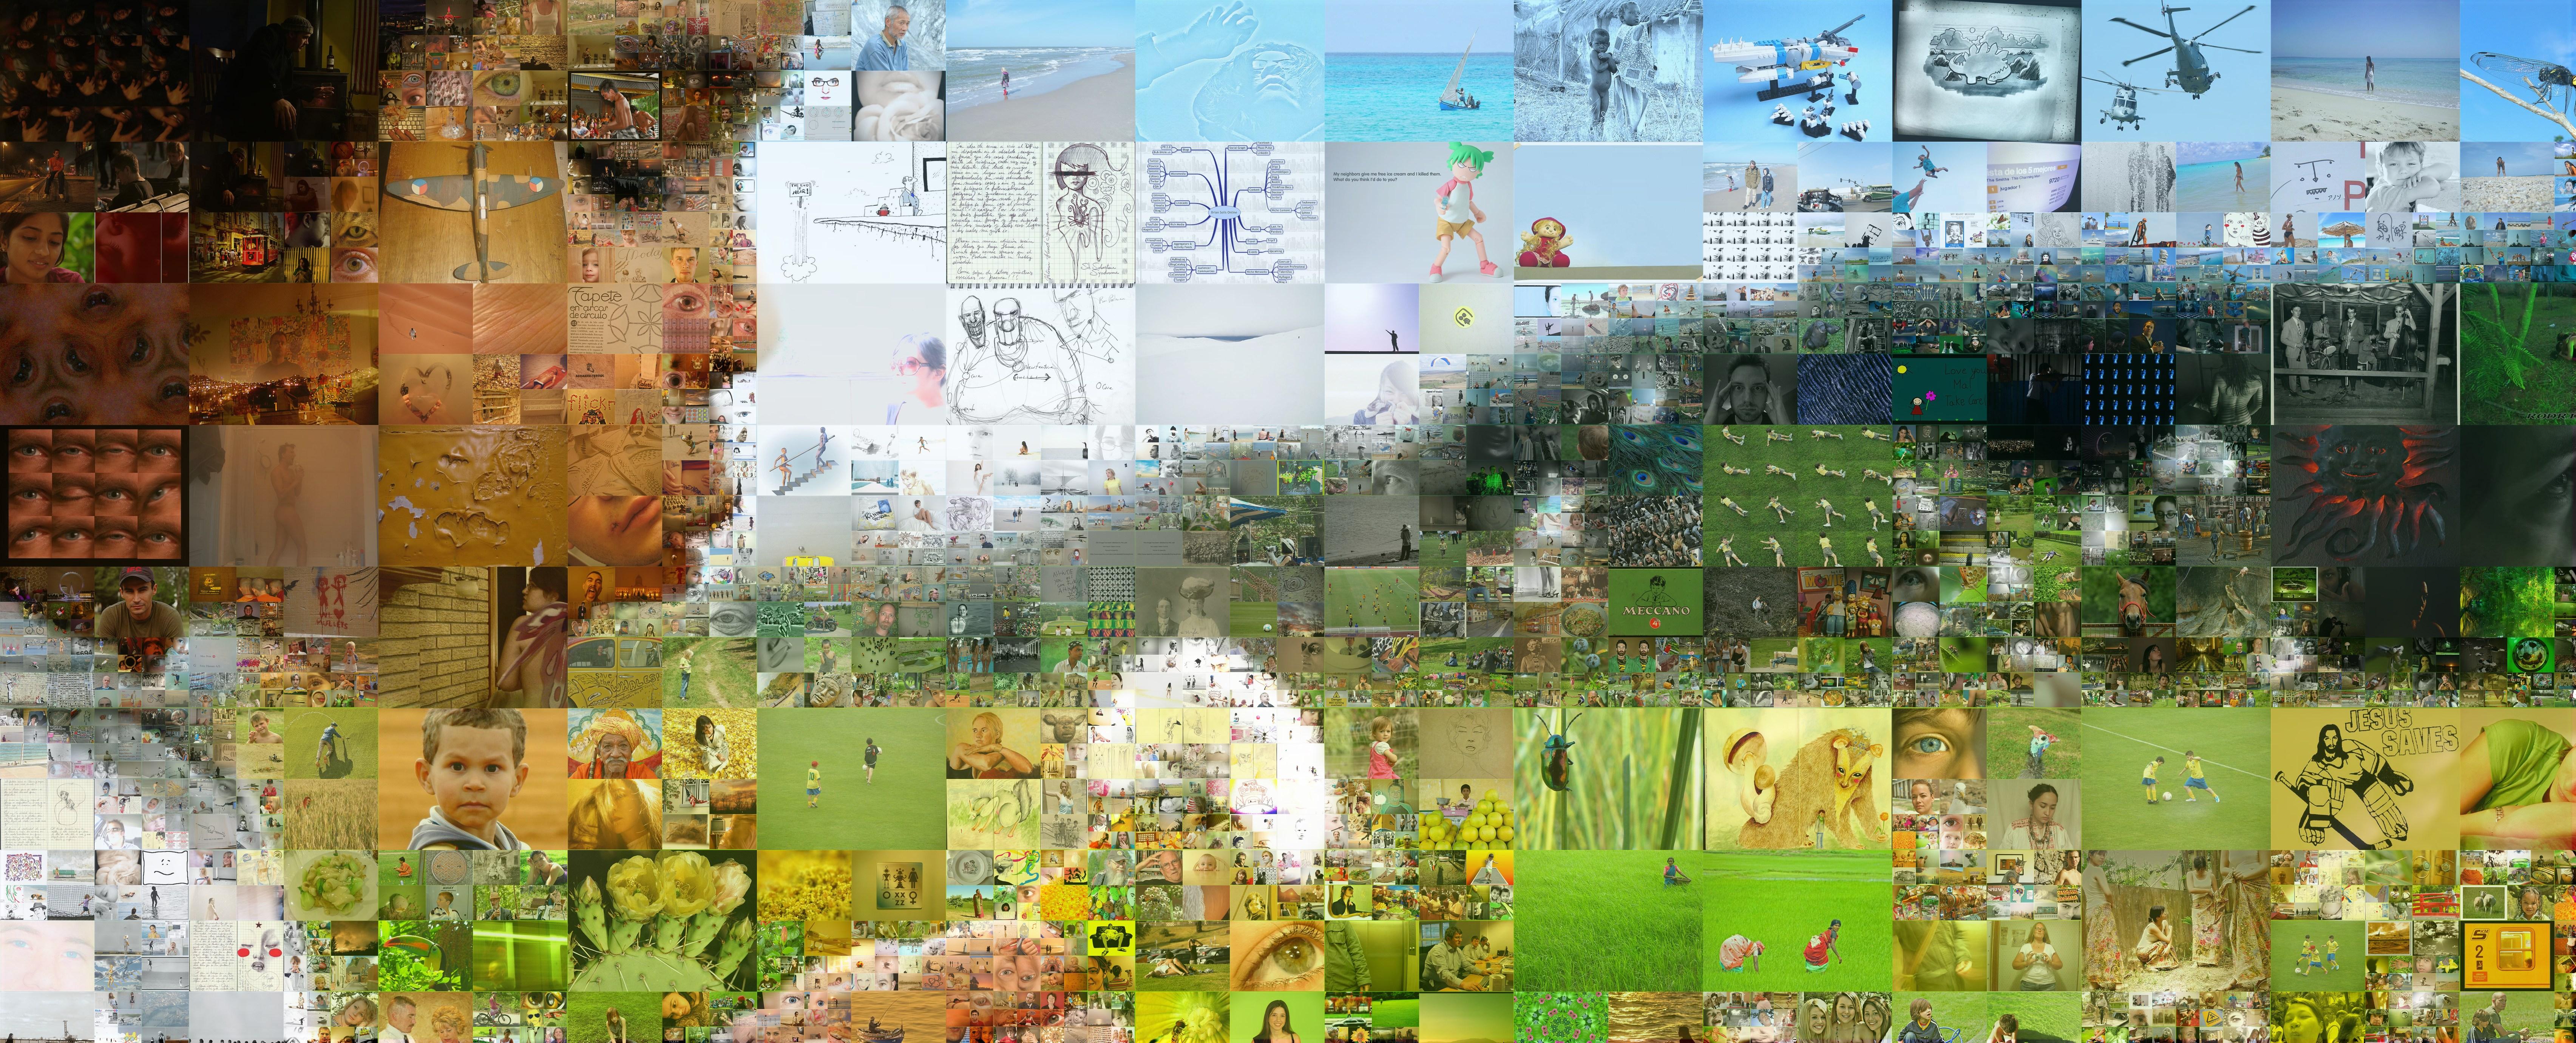 Der Detail Style Ermöglicht Es, Die Anzahl Und Größe Der Kacheln Des  Mosaiks Noch Besser An Das Originalbild Anzupassen. Dort, Wo Das Original  Viele Details ...